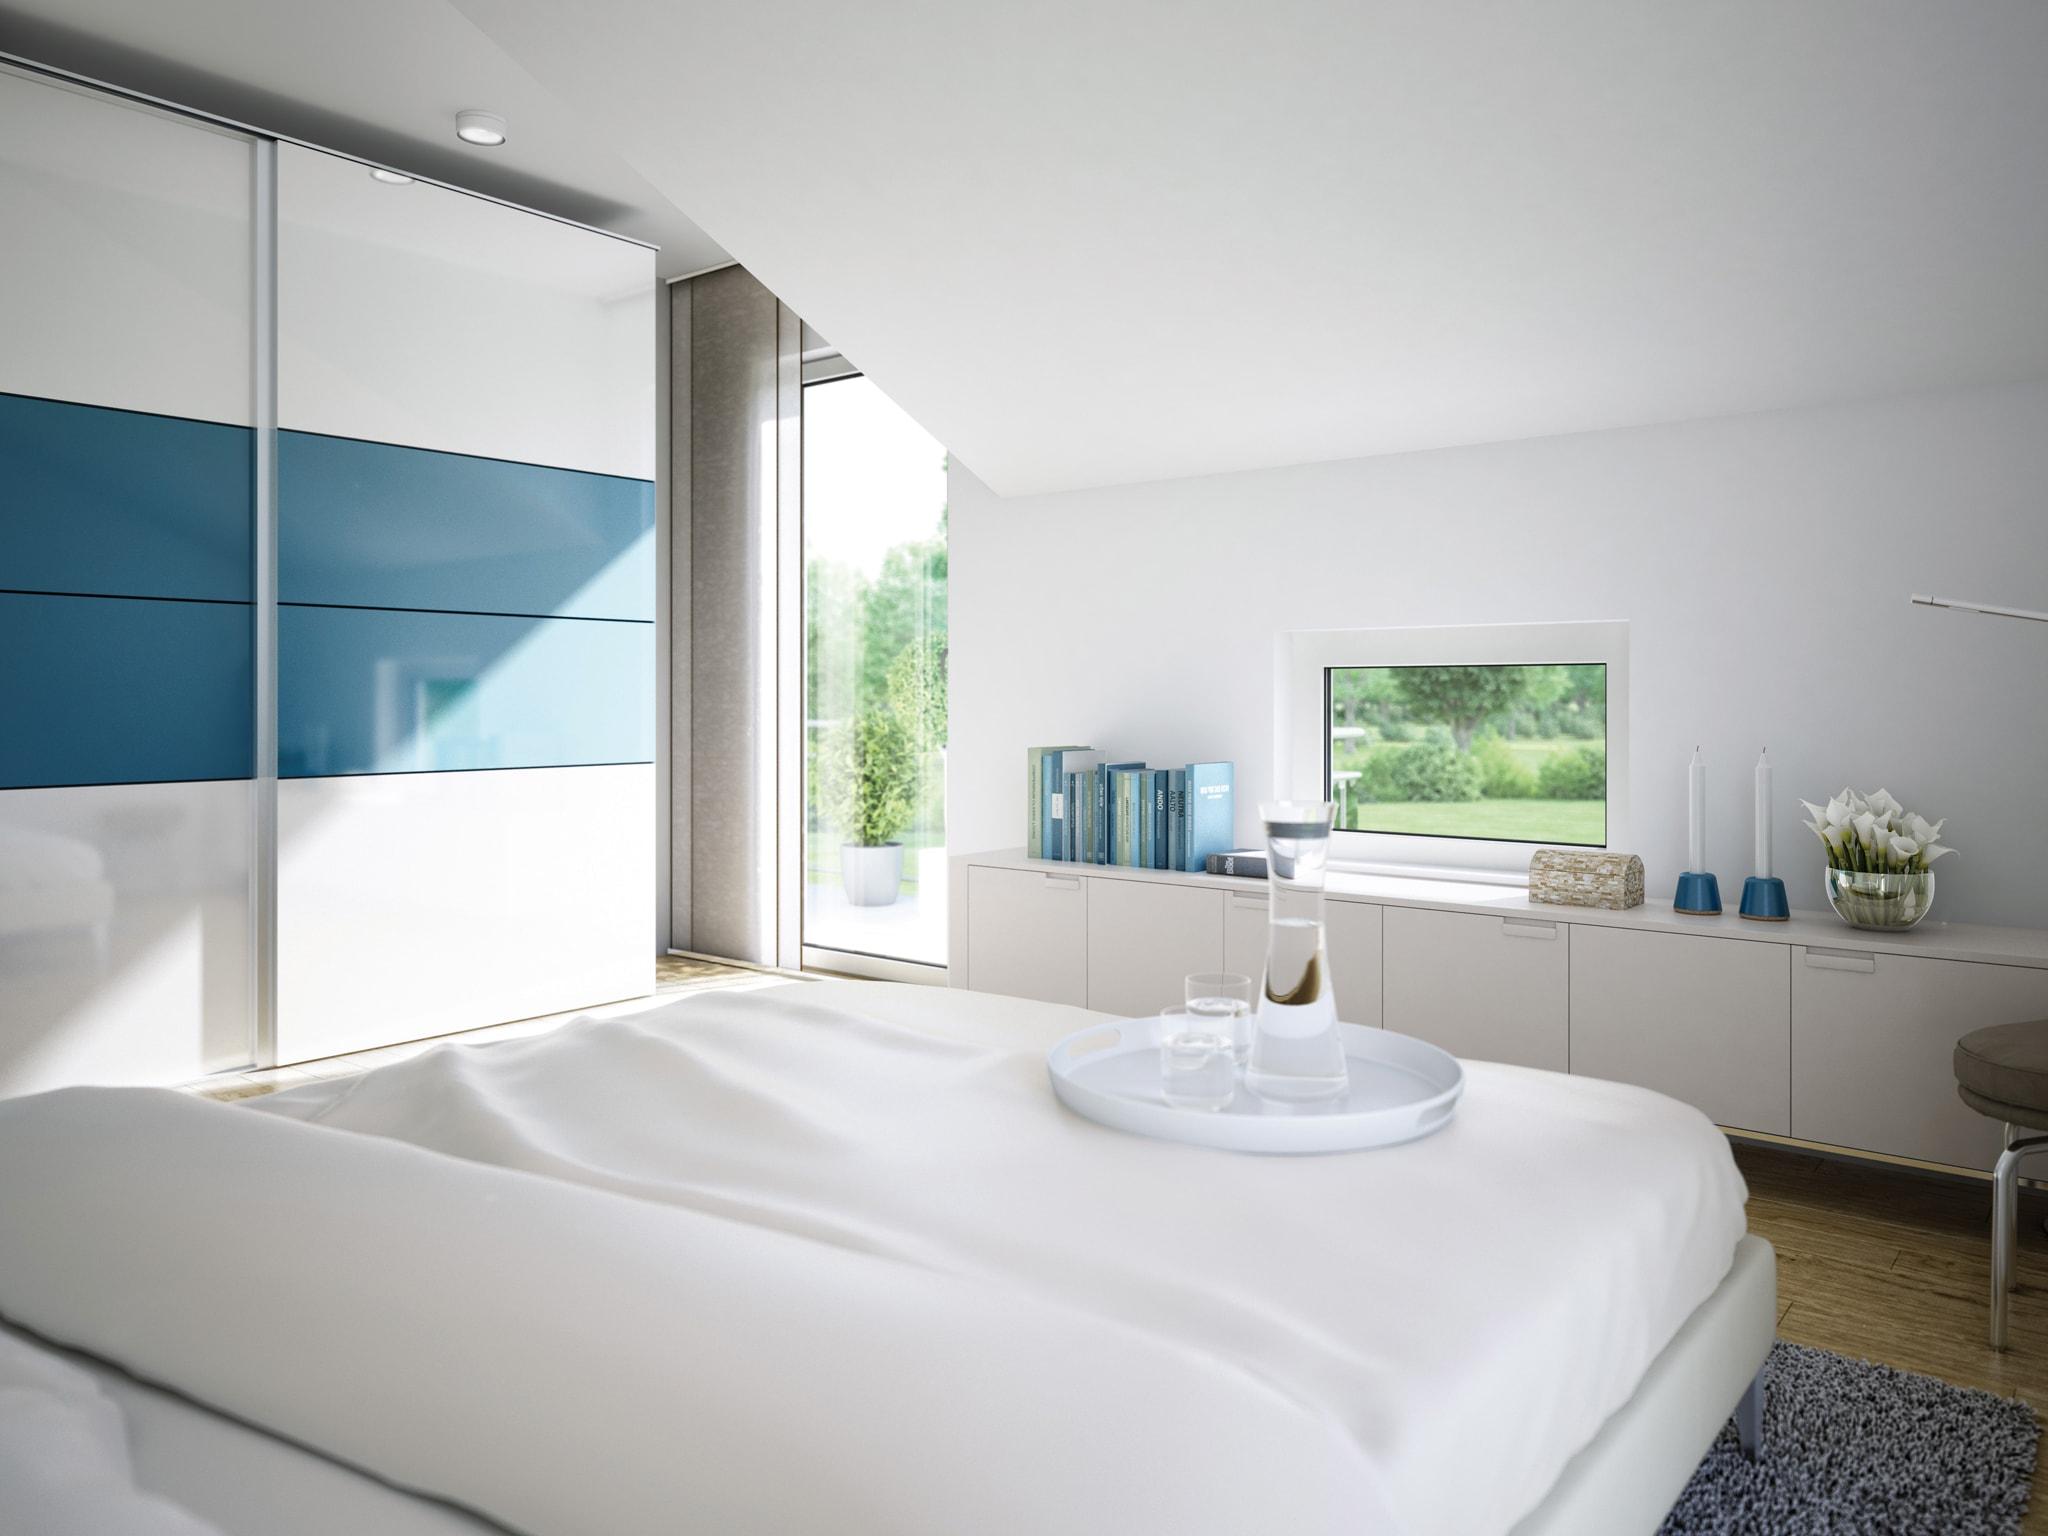 Schlafzimmer modern in blau weiß mit Dachschräge - Inneneinrichtung Ideen Fertighaus Living Haus SUNSHINE 151 V4 - HausbauDirekt.de